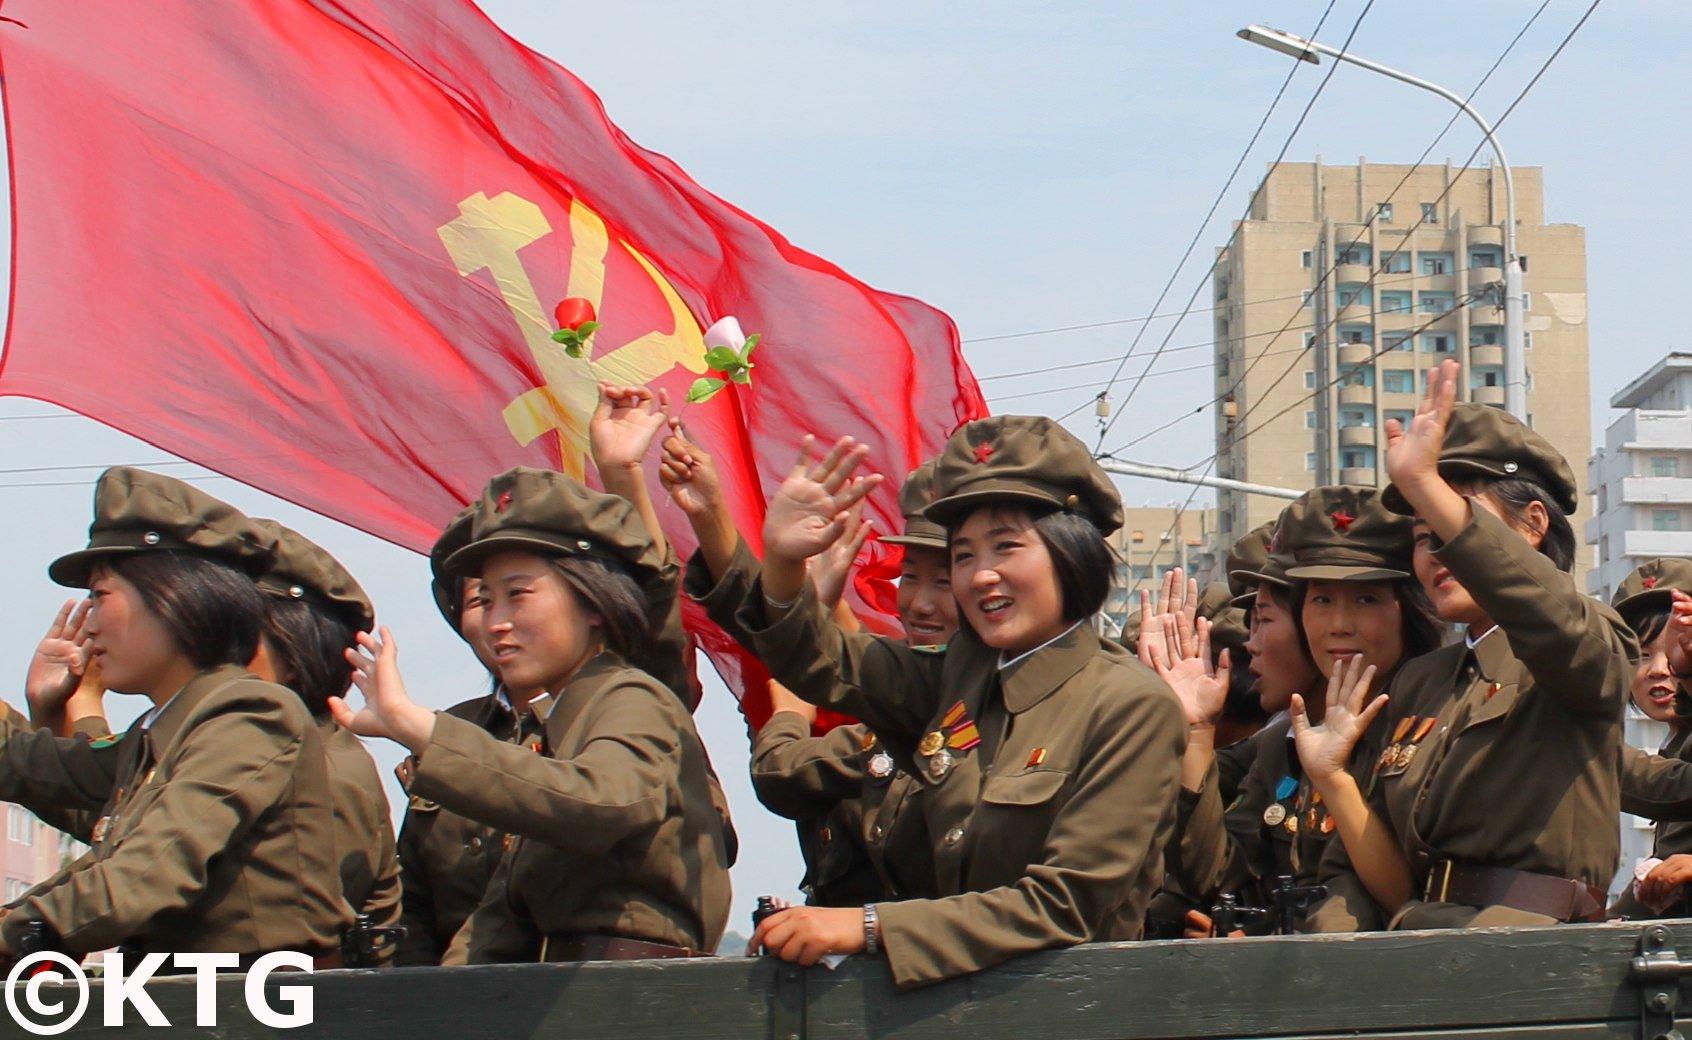 Bandera del Partido de los Trabajadores en Corea del Norte. Foto de KTG Tours